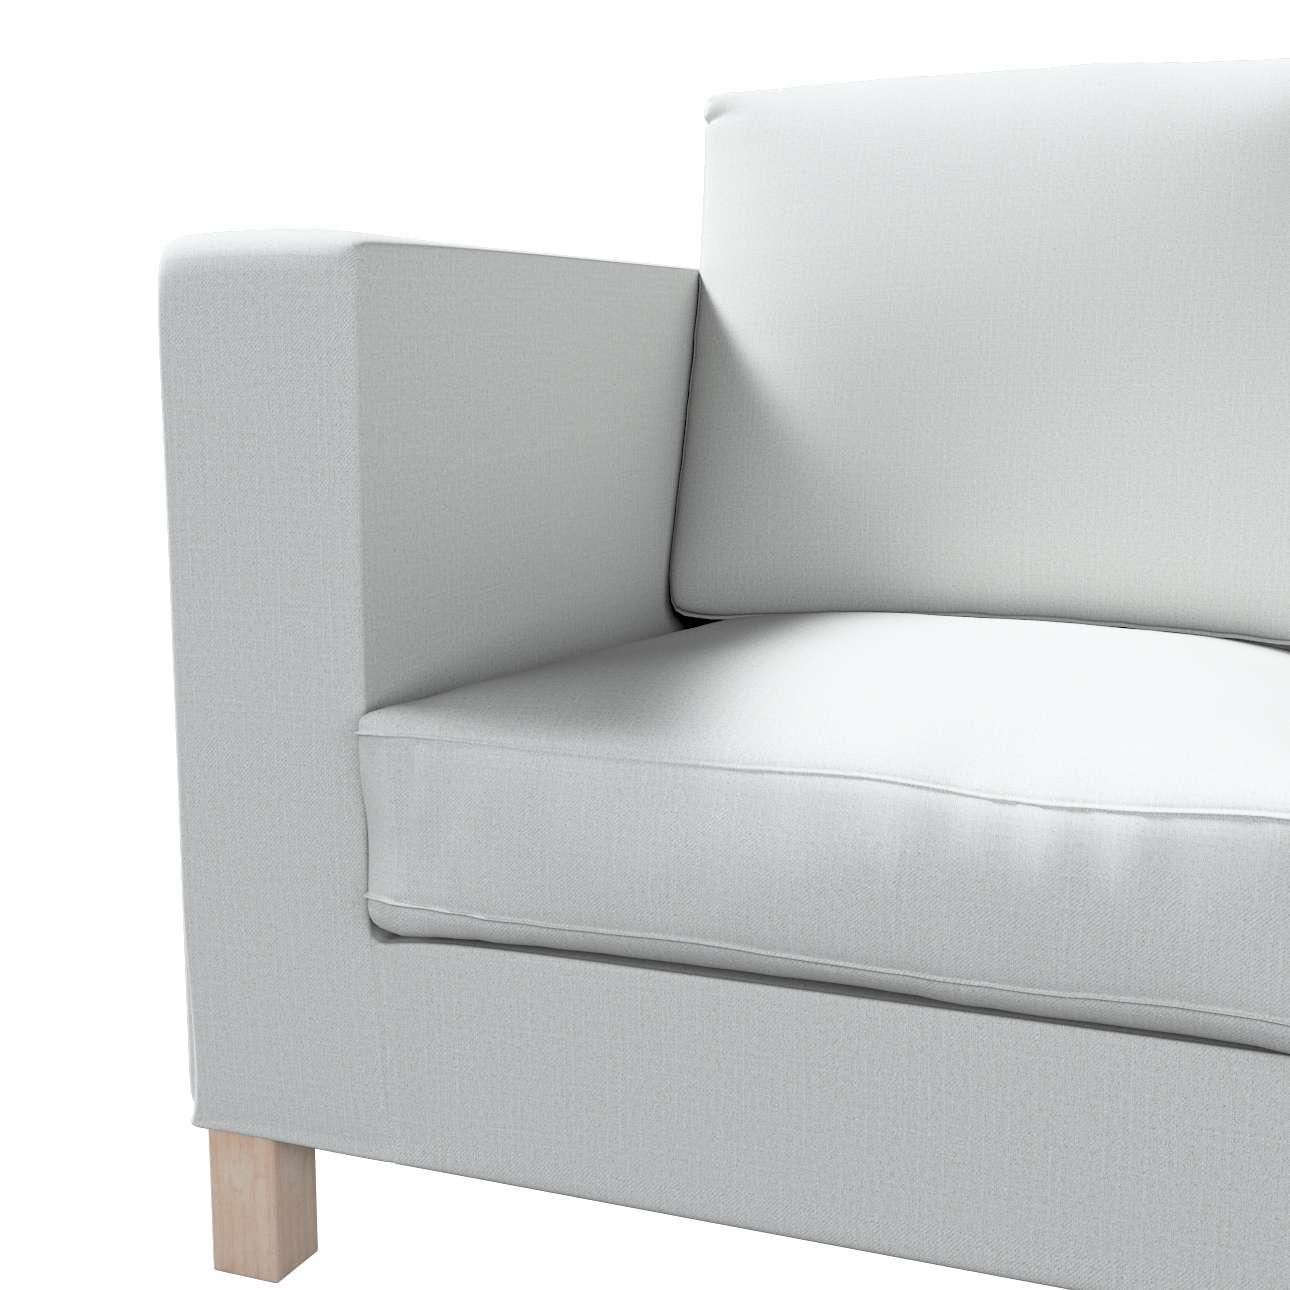 Bezug für Karlanda 3-Sitzer Sofa nicht ausklappbar, kurz von der Kollektion Living II, Stoff: 161-18